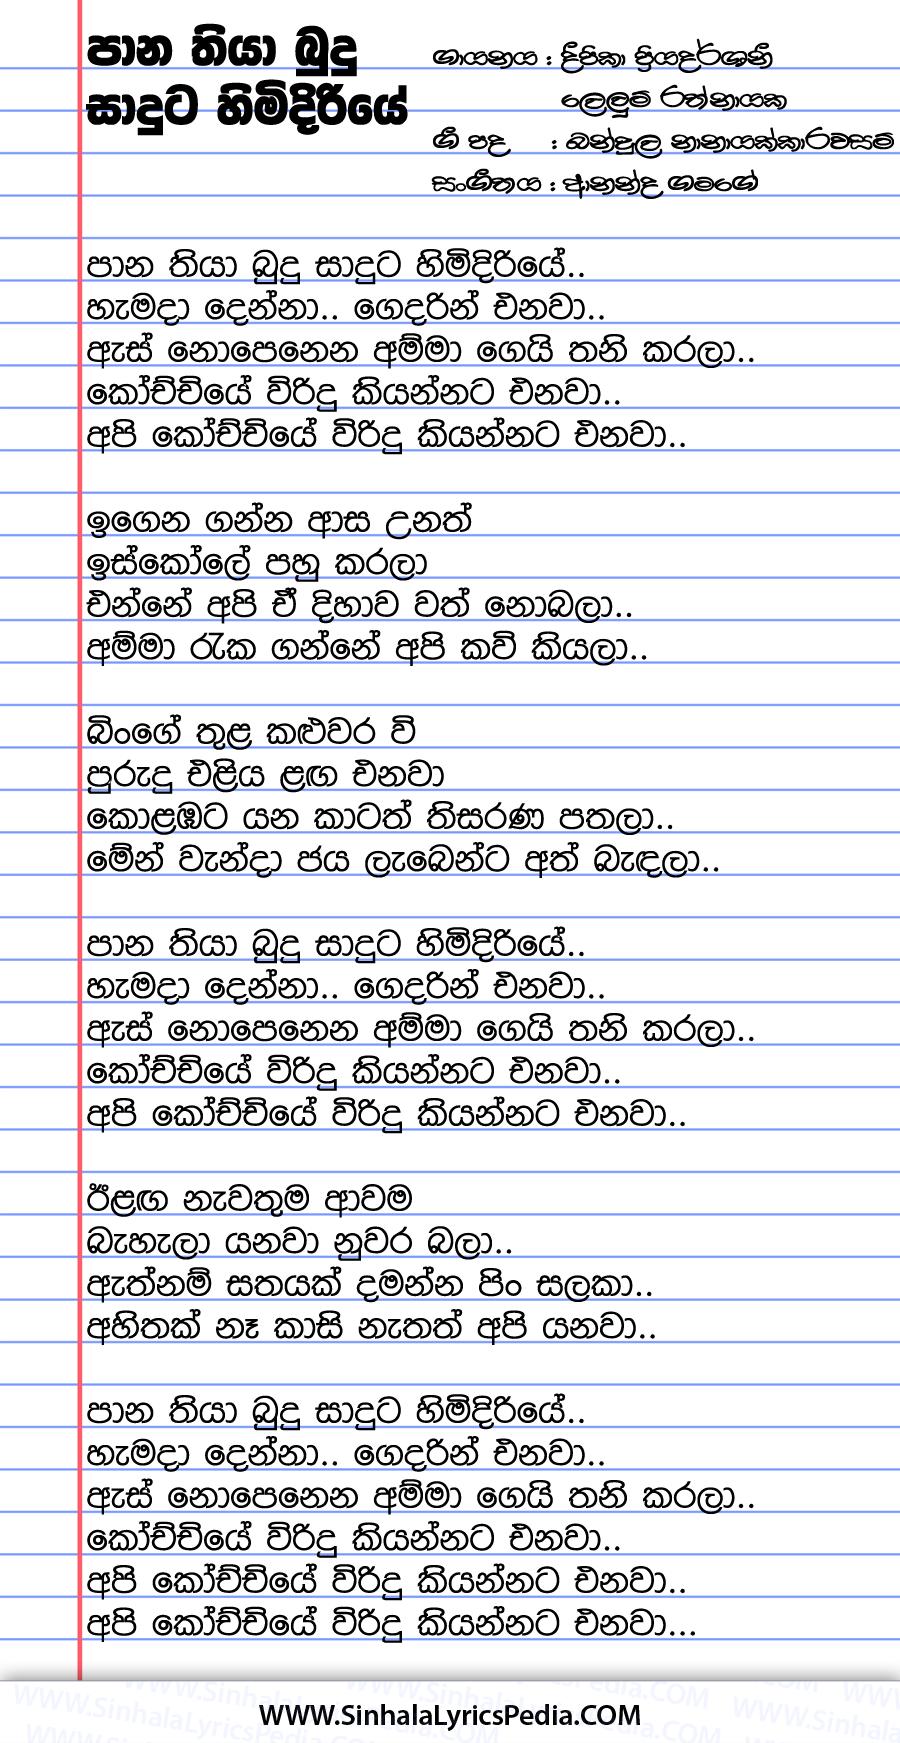 Pahana Thiya Budu Saduta Song Lyrics